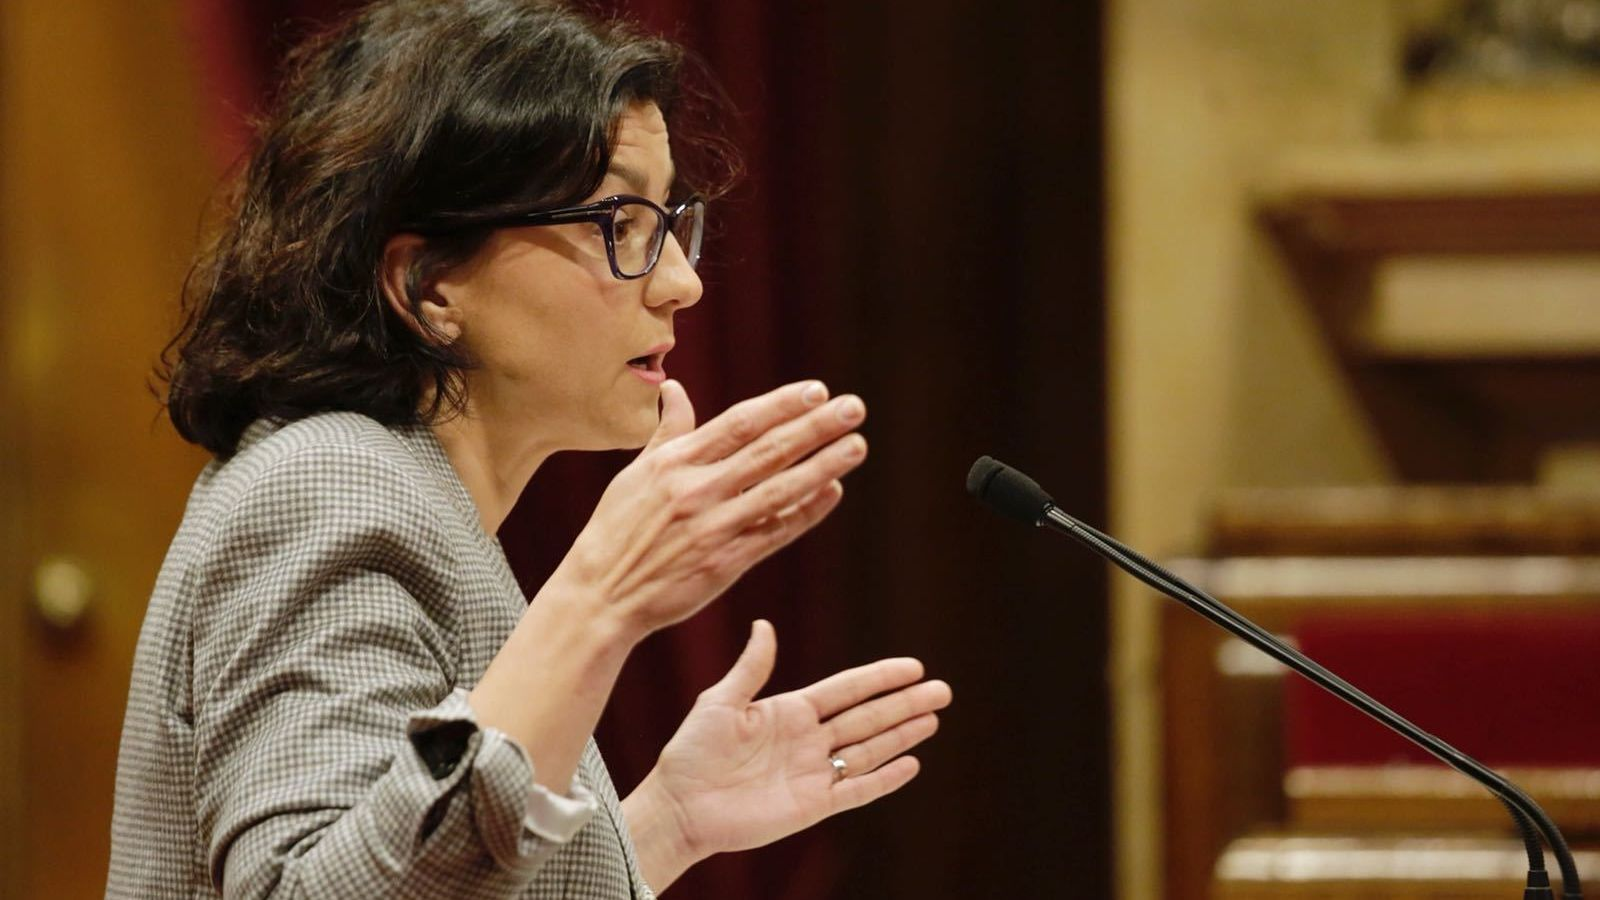 [GP JXC] Proposició no de llei per la qual s'insta al Govern a no finançar a escoles que segreguin per sexe Eva-Granados-PSC-al-Parlament_1991211031_52691350_1500x999